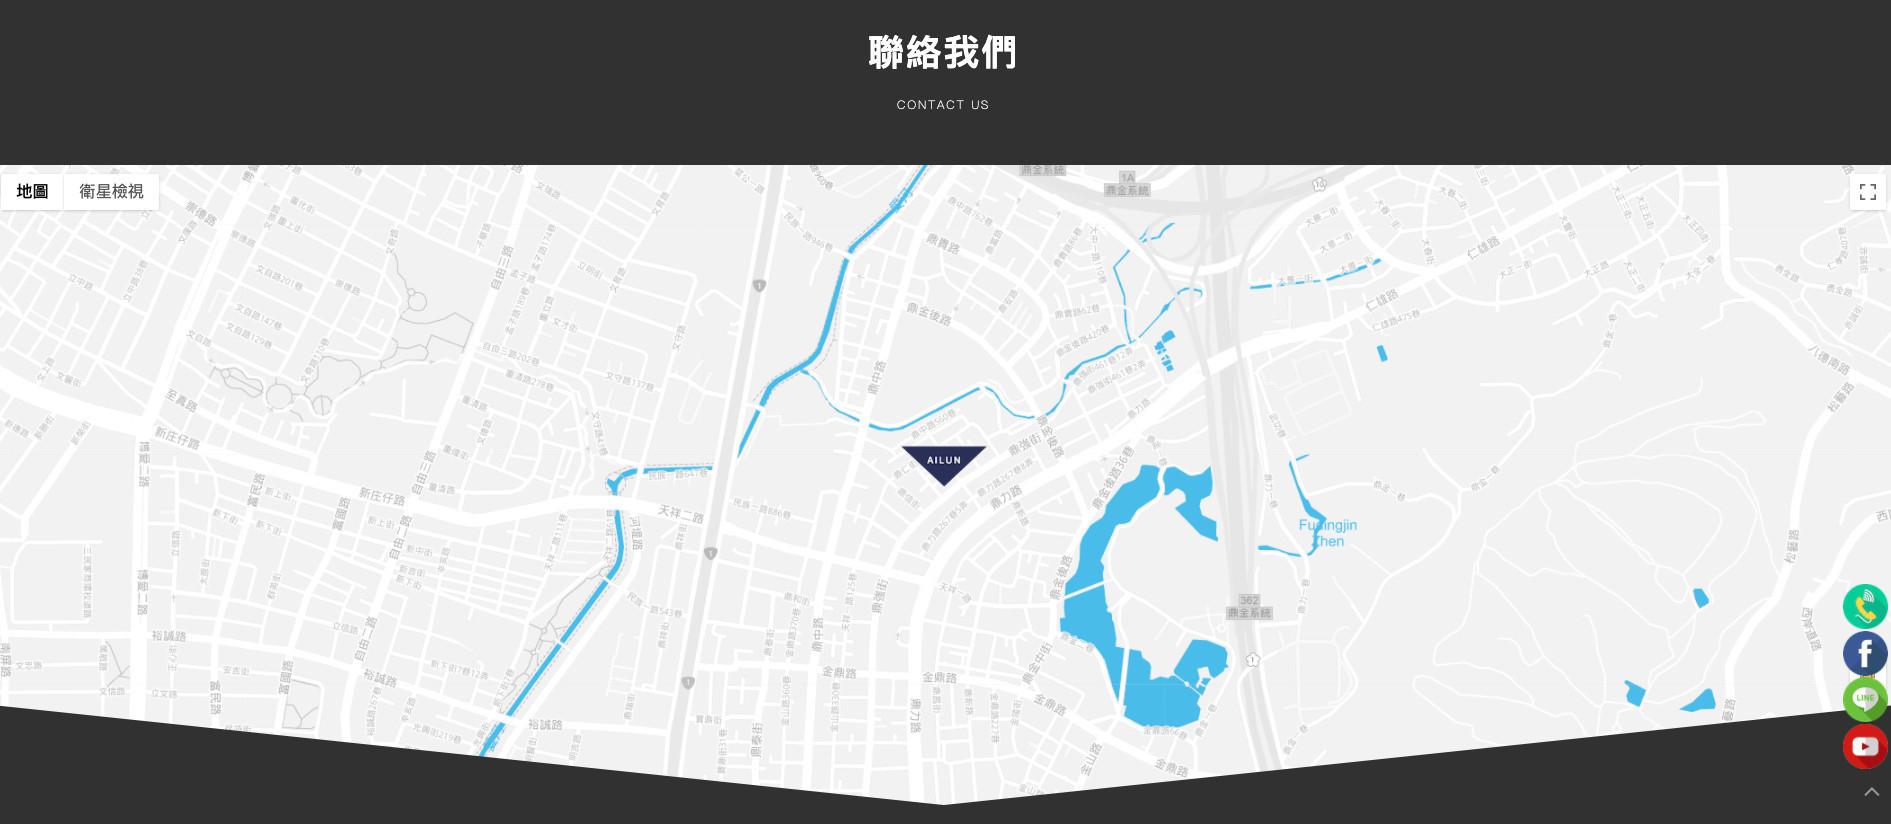 高雄SEO優化網頁設計成功案例-聯絡我們地圖 宜合興機車零件及輪胎貿易商